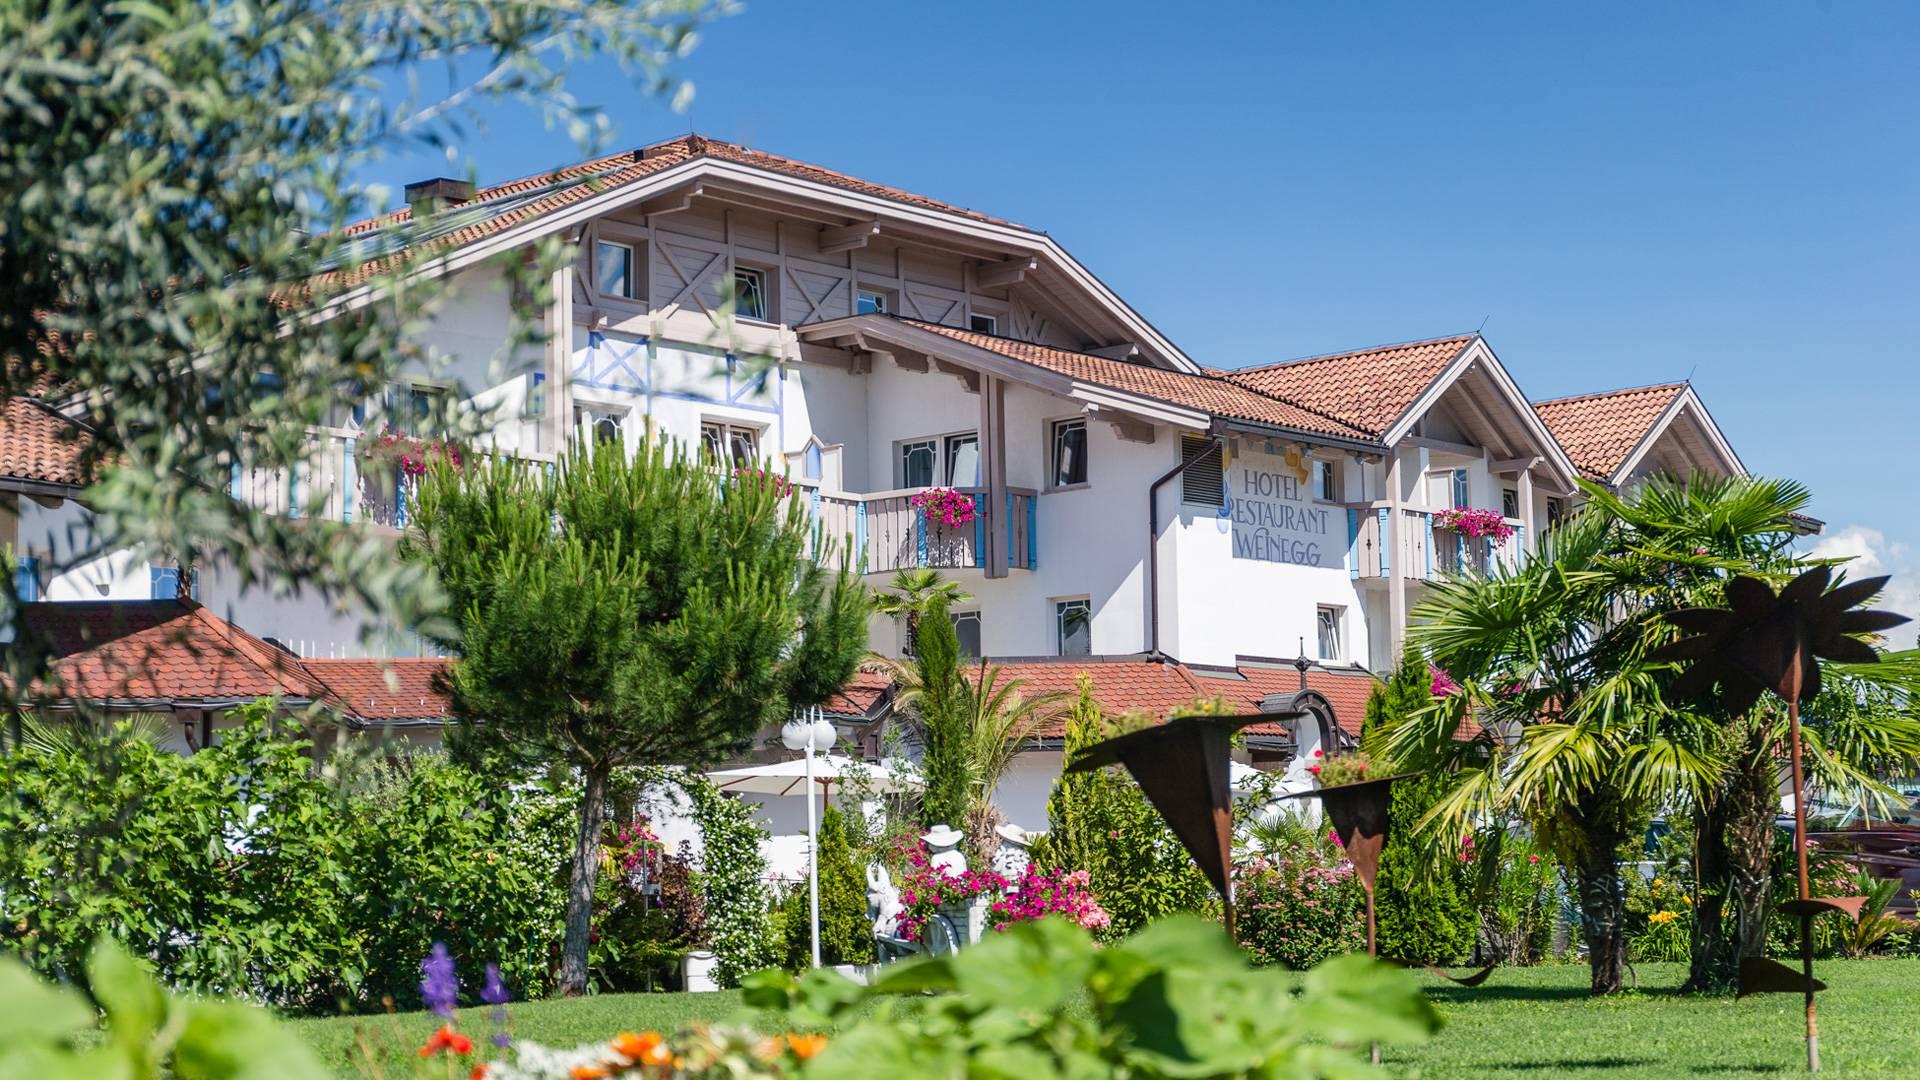 Hotel Reiten Deutschland